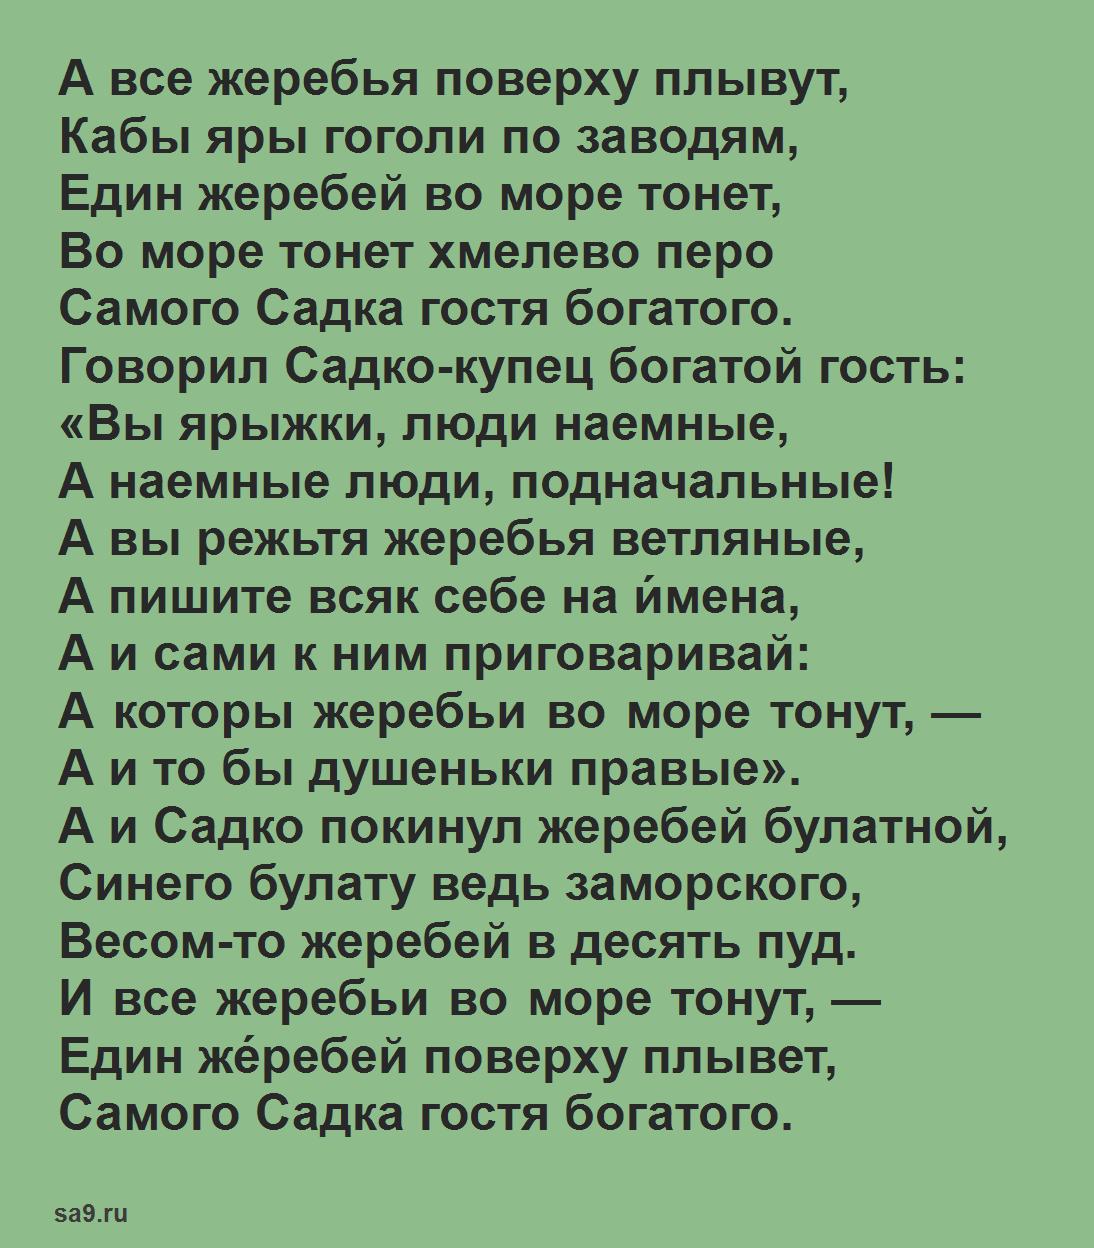 Читать былину - Садков корабль стал на море